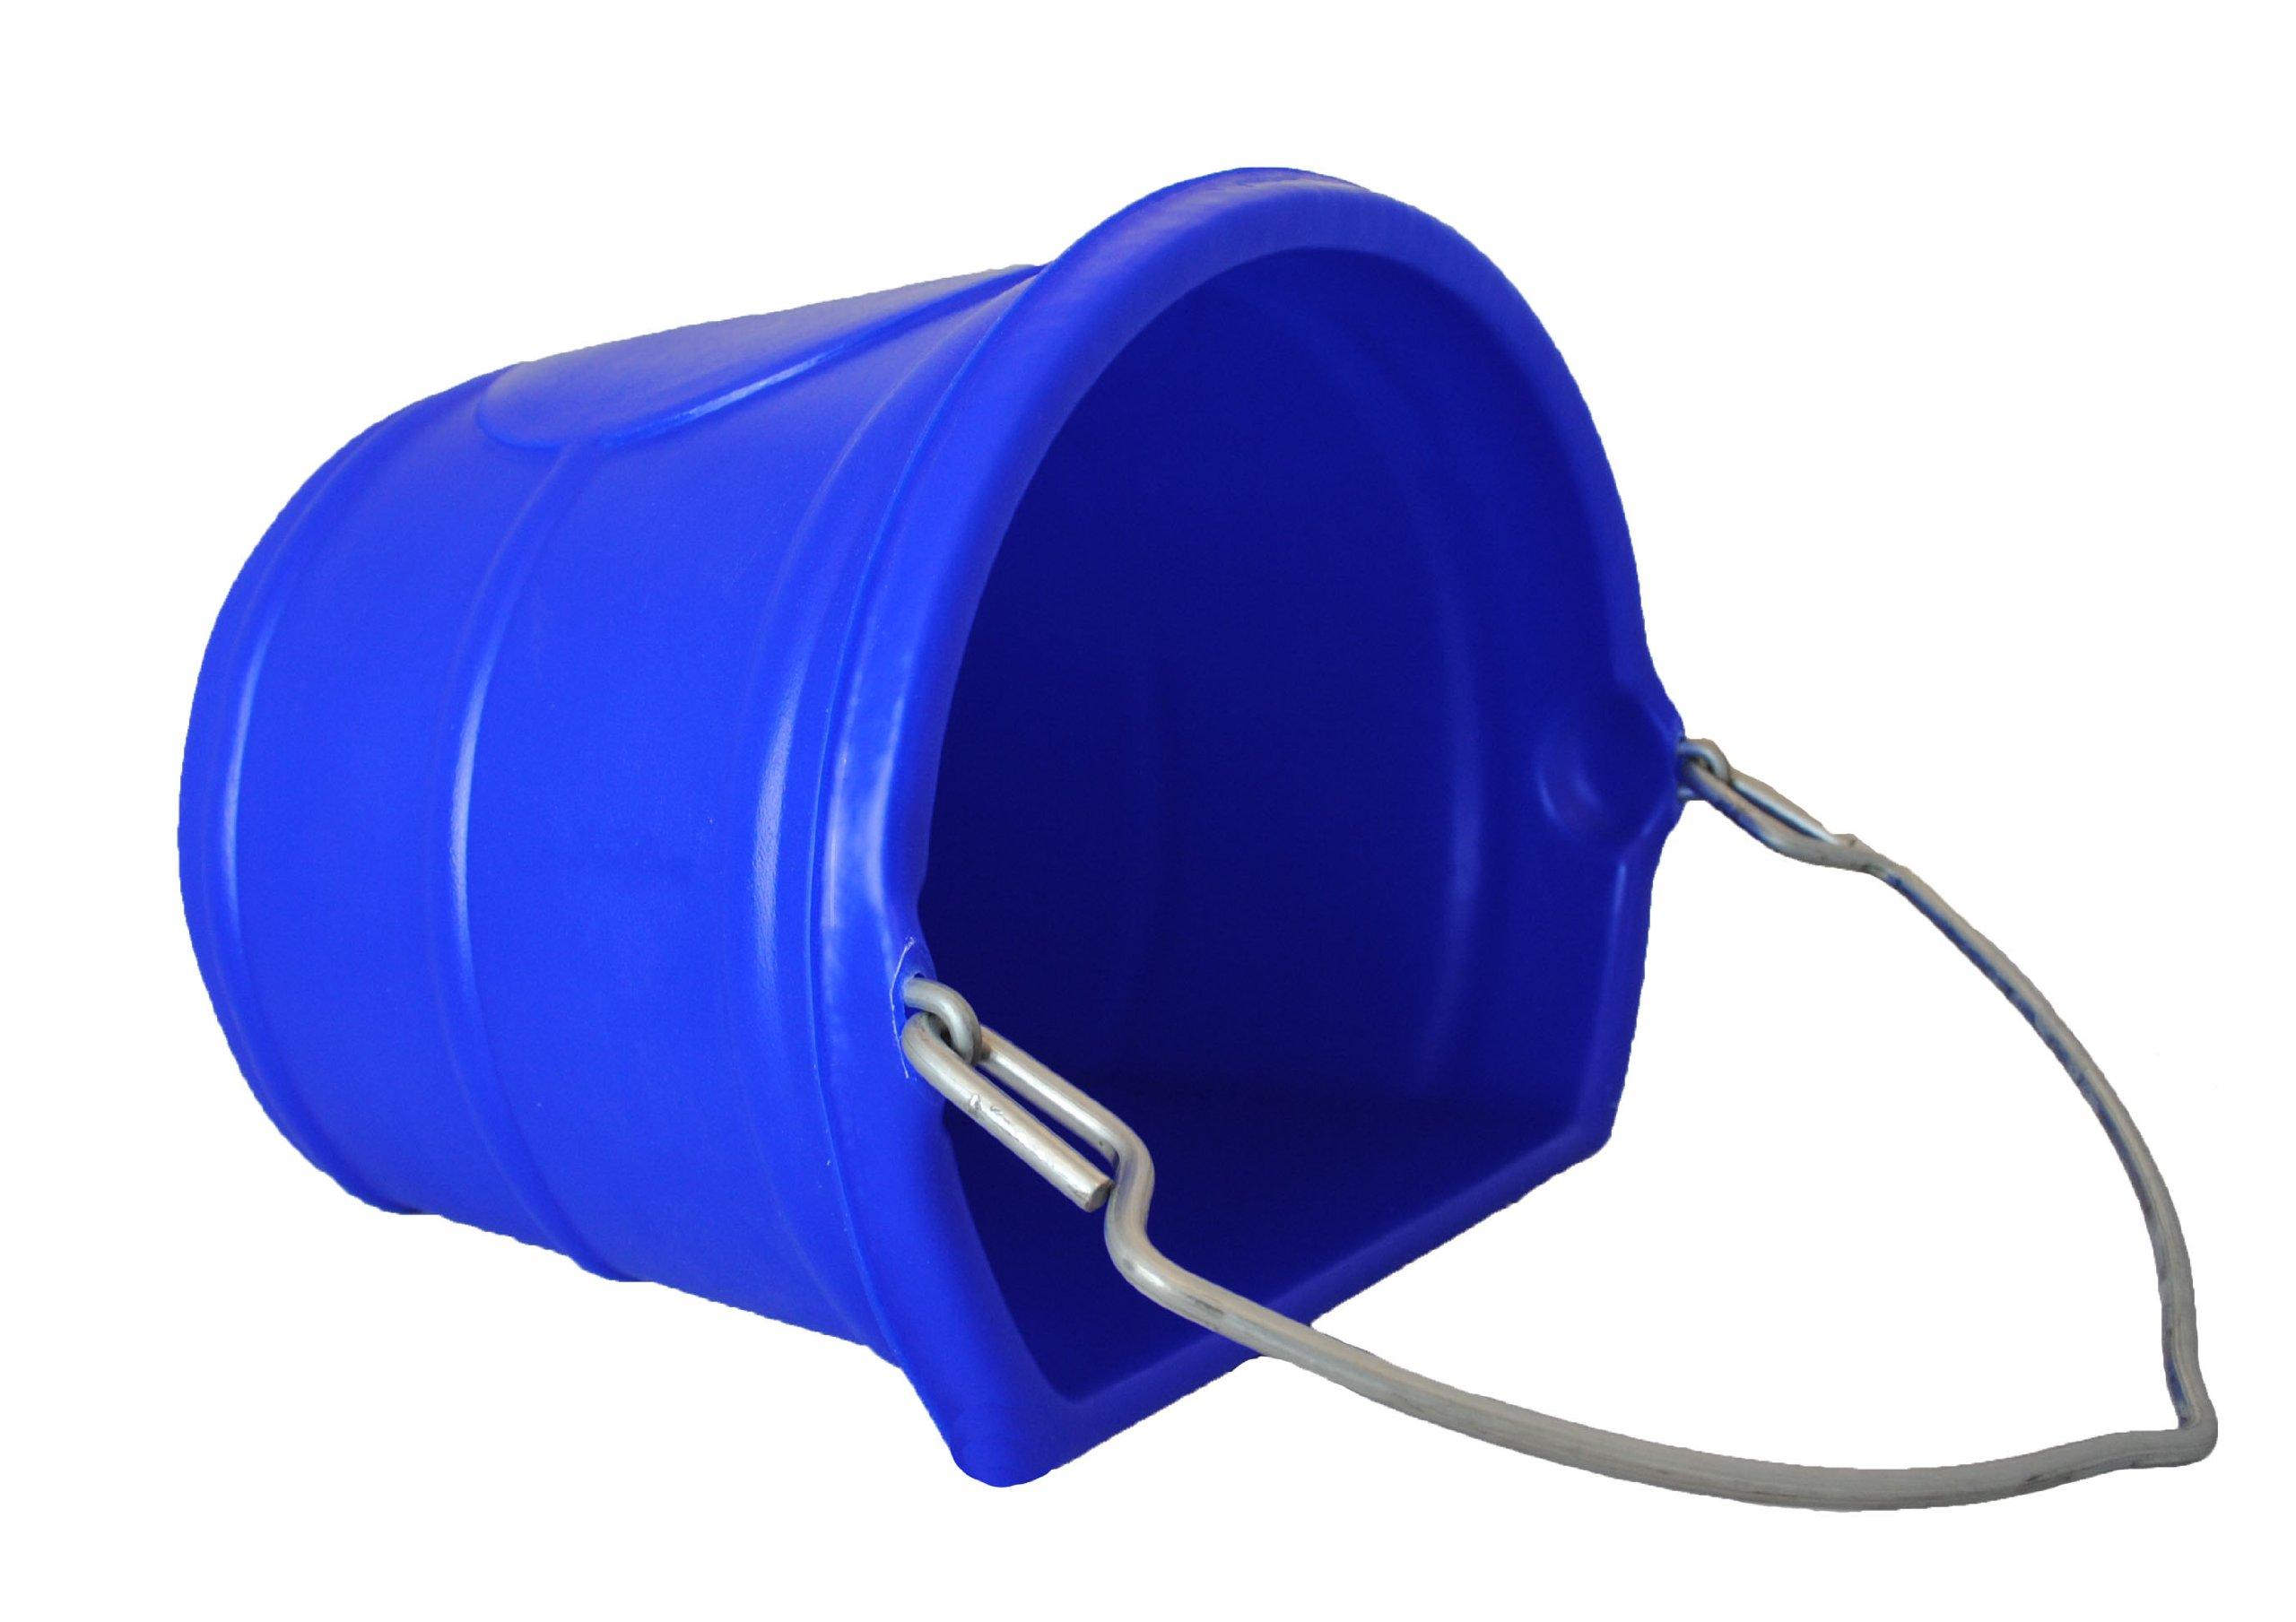 Horsemen's Pride 20 Quart Water Bucket, Blue by Horsemen's Pride